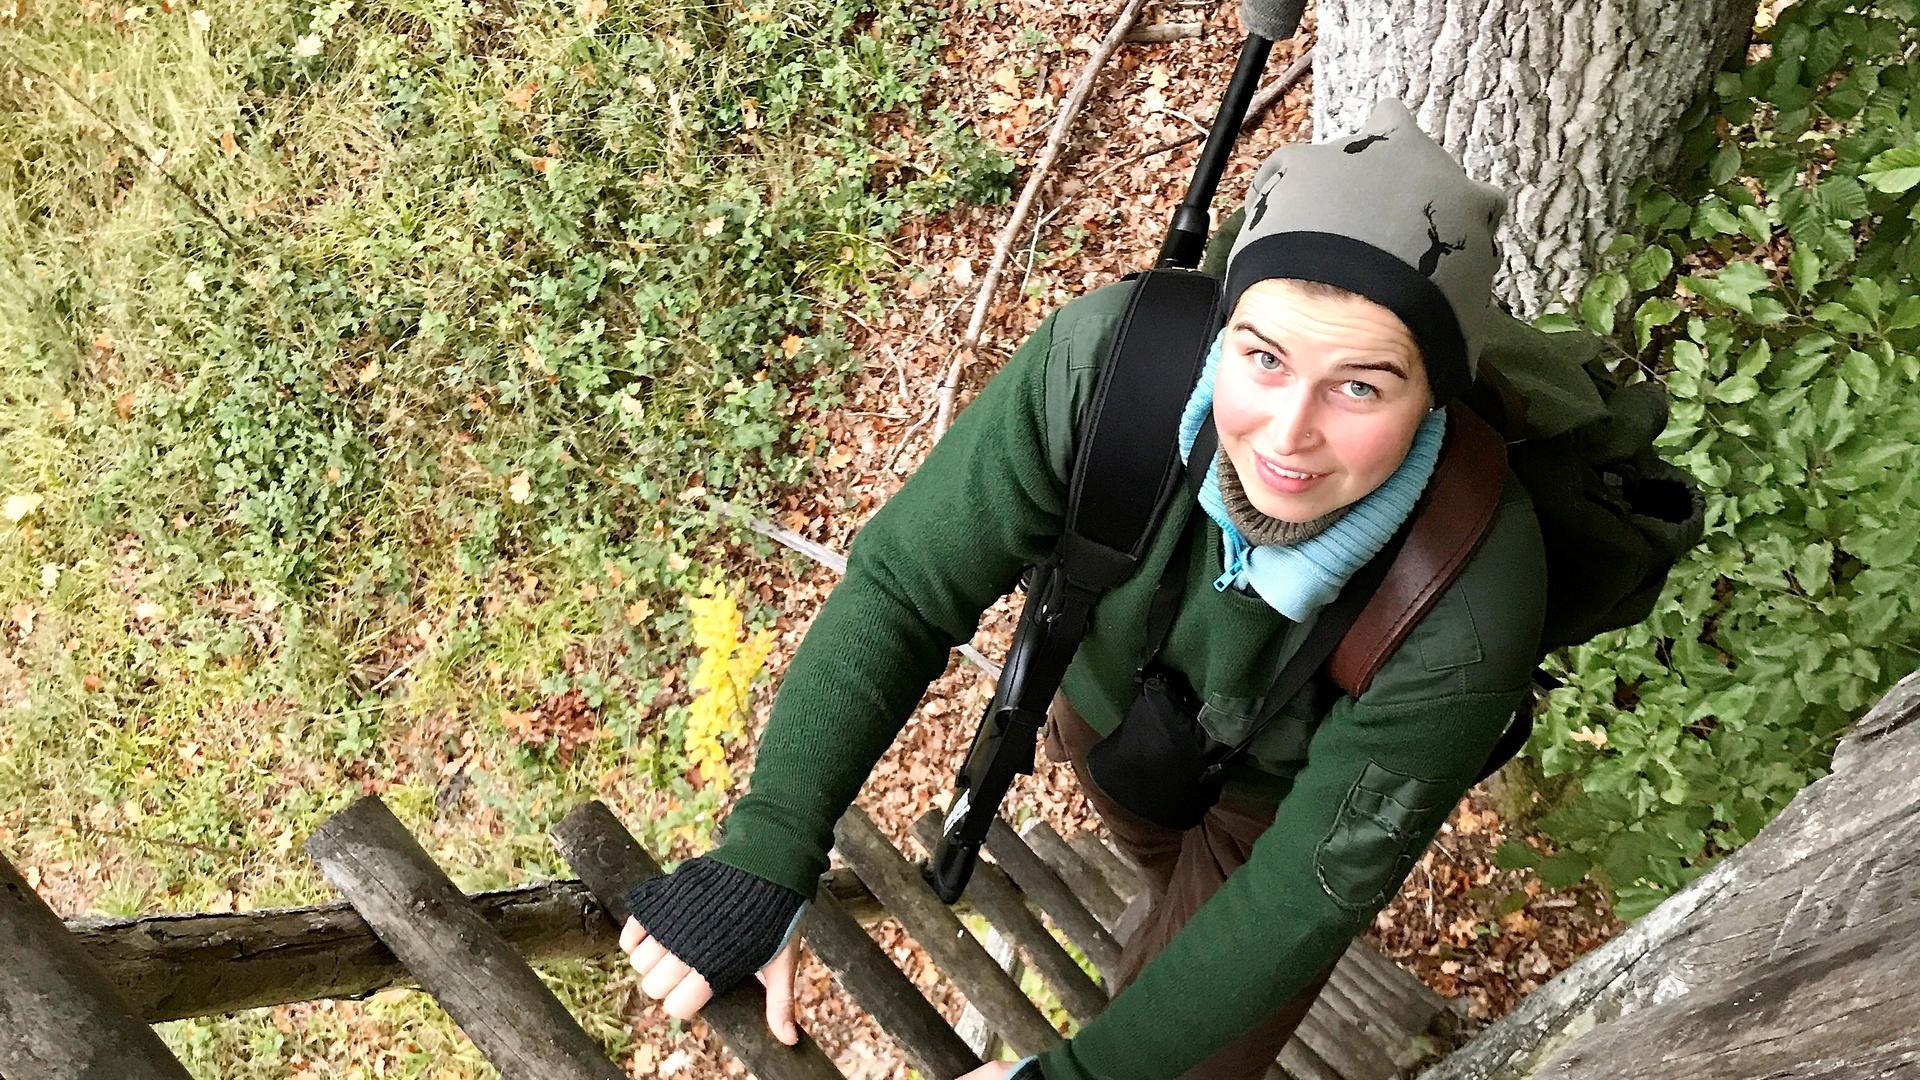 Blick von oben auf Frau, die eine Leiter hochsteigt.